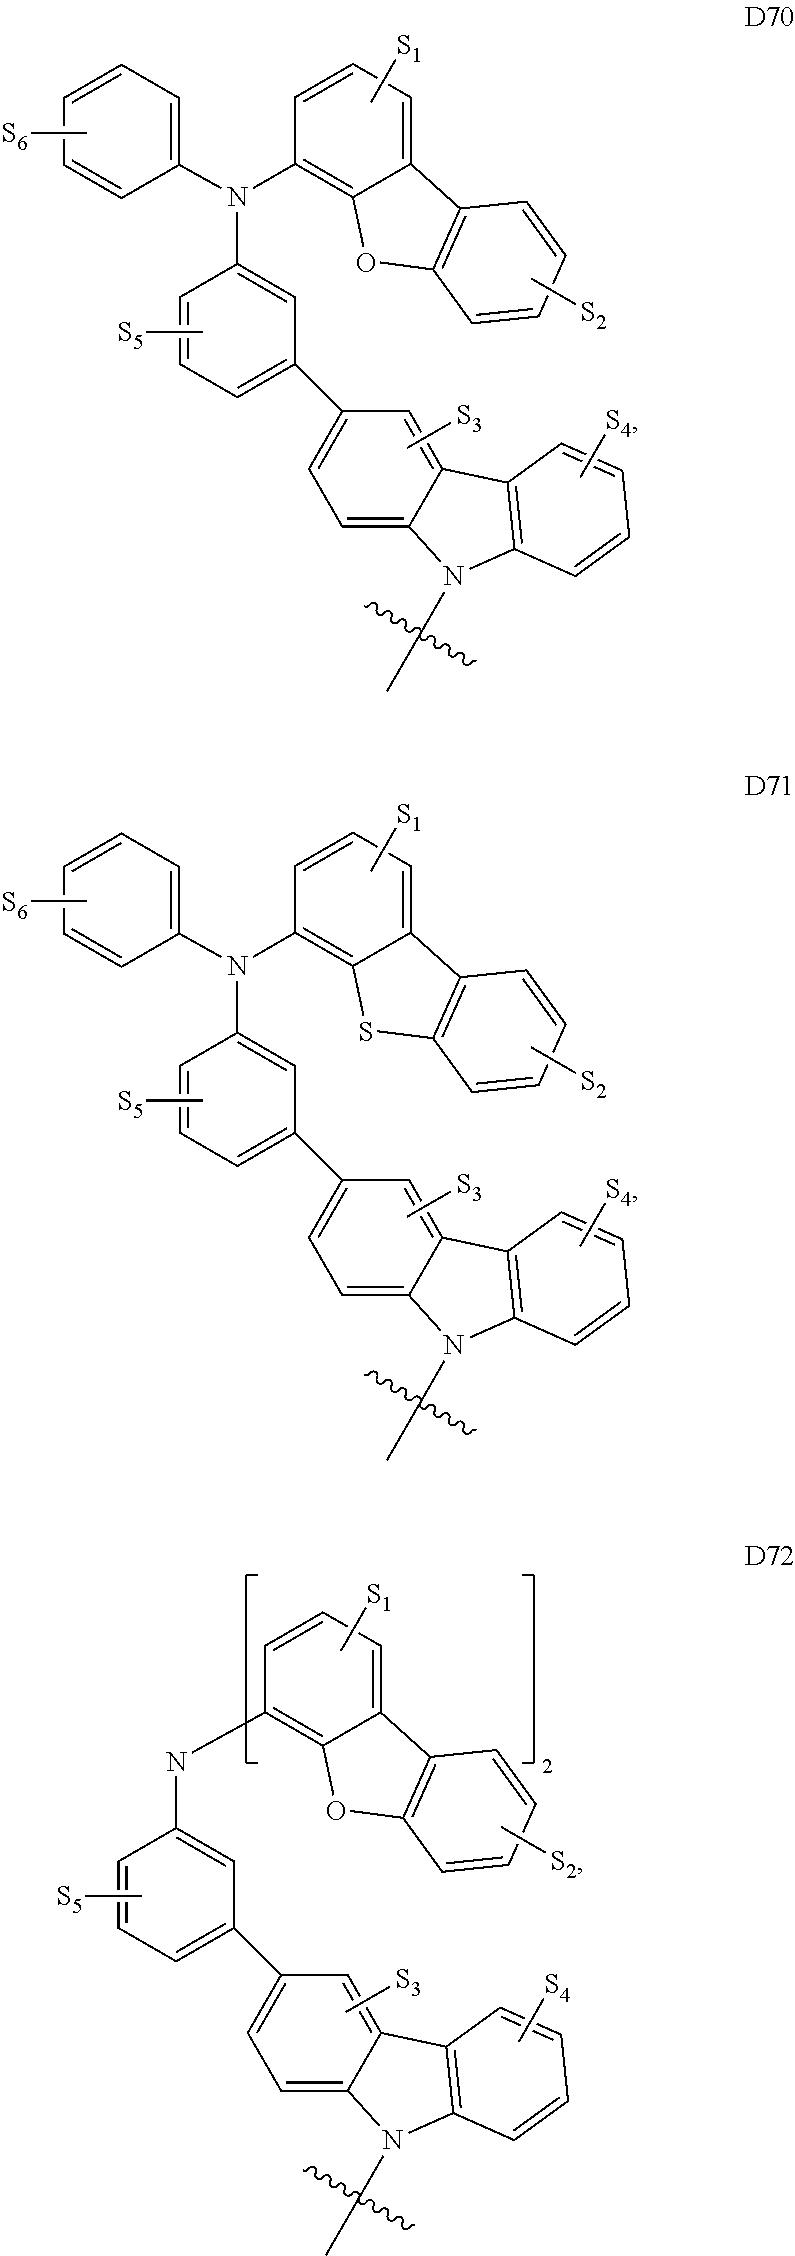 Figure US09537106-20170103-C00030